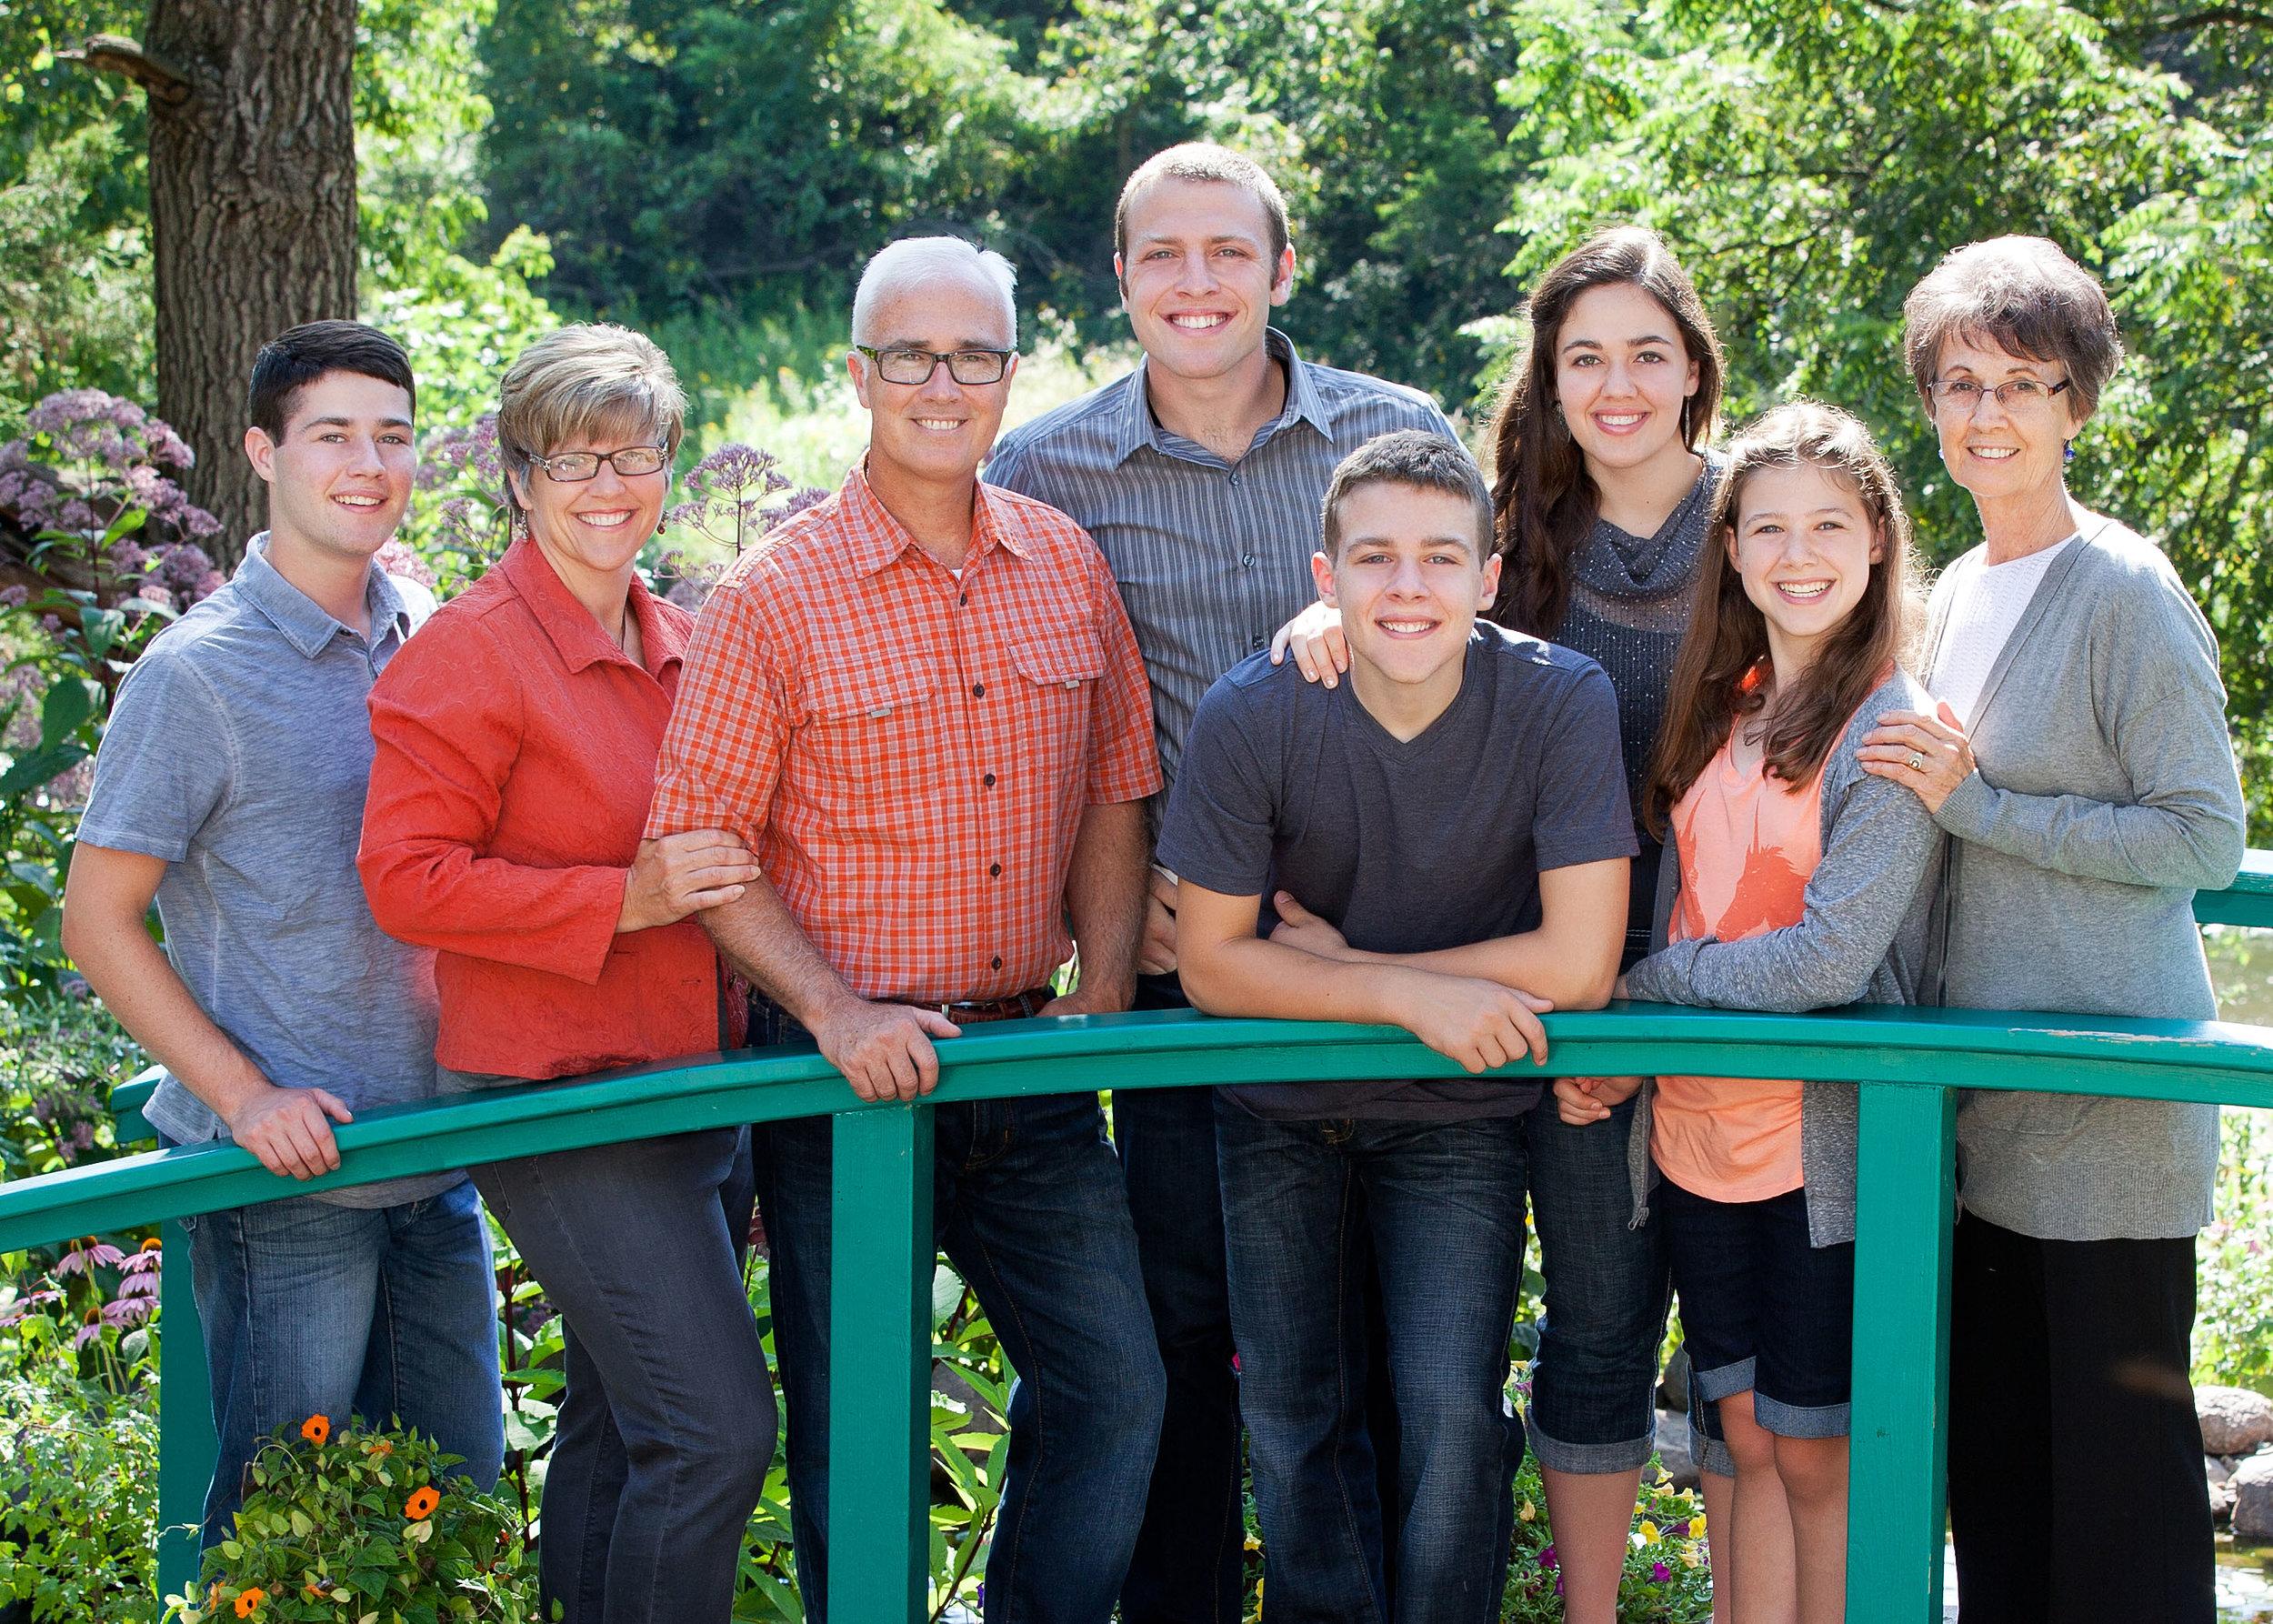 (From left to right) Marcus, Karen, Tim, Scott, Isaac, Mackenzie, Abby and Ginny Graham